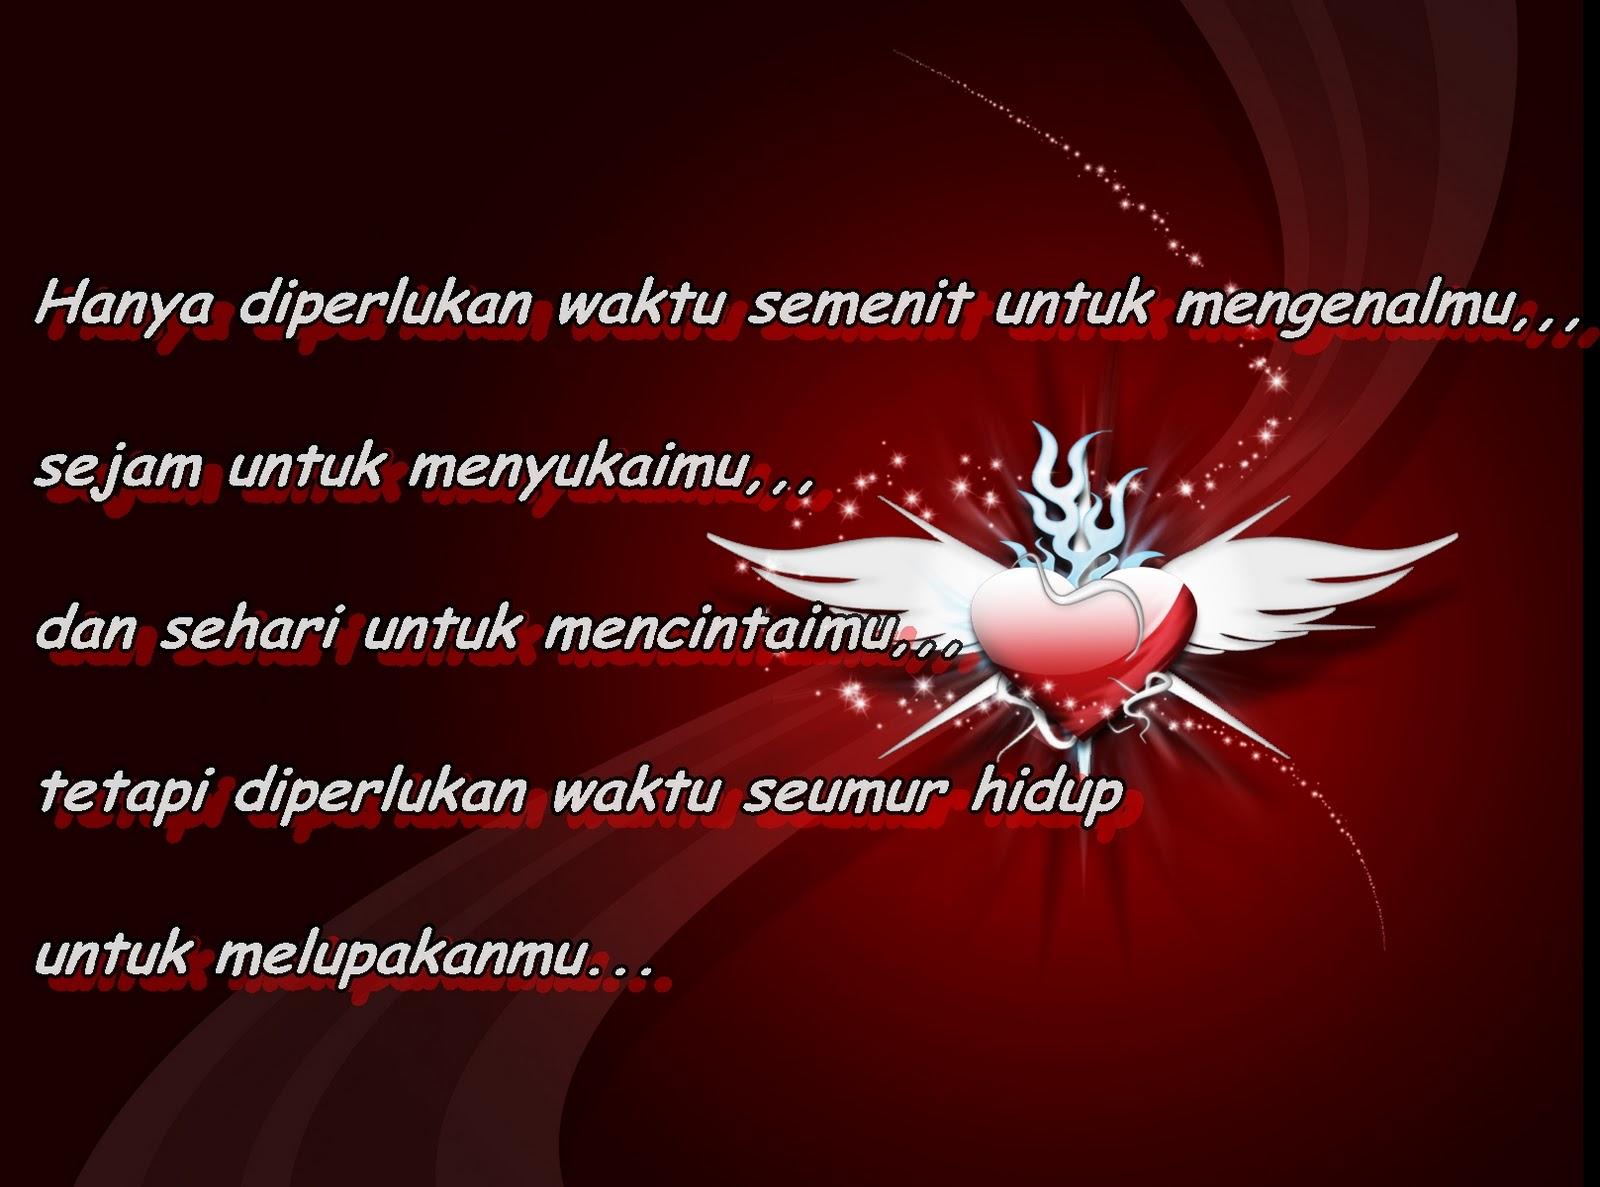 Cinta adalah naluri perasaan buat seseorang yang tidak bisa dibohongi ...